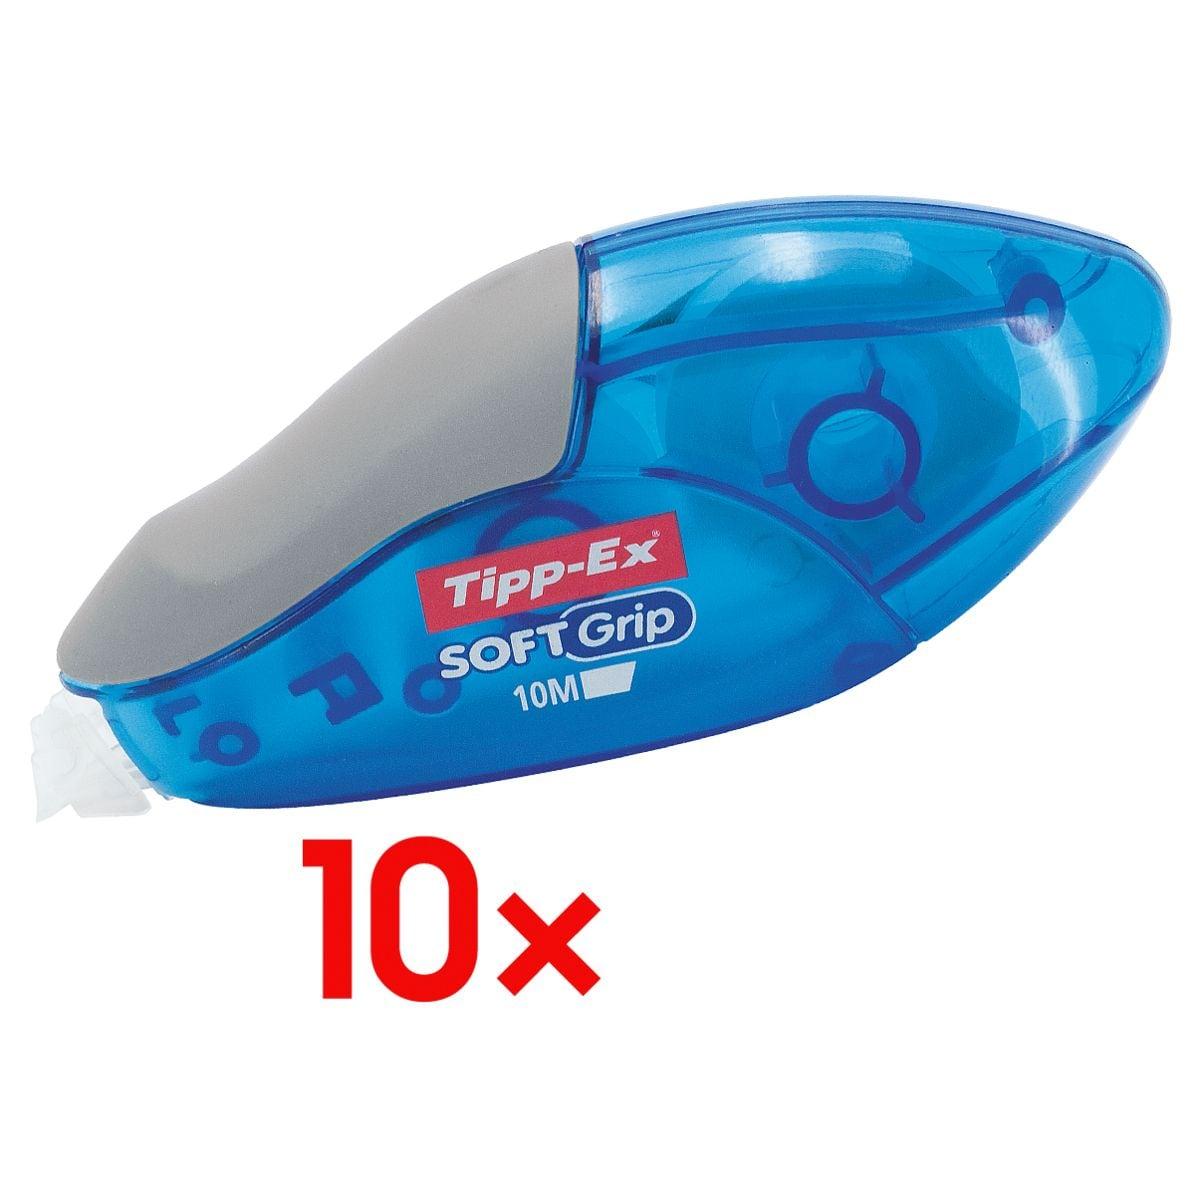 10x Tipp-Ex Roller de correction jetable Soft Grip, 4,2 mm / 10 m